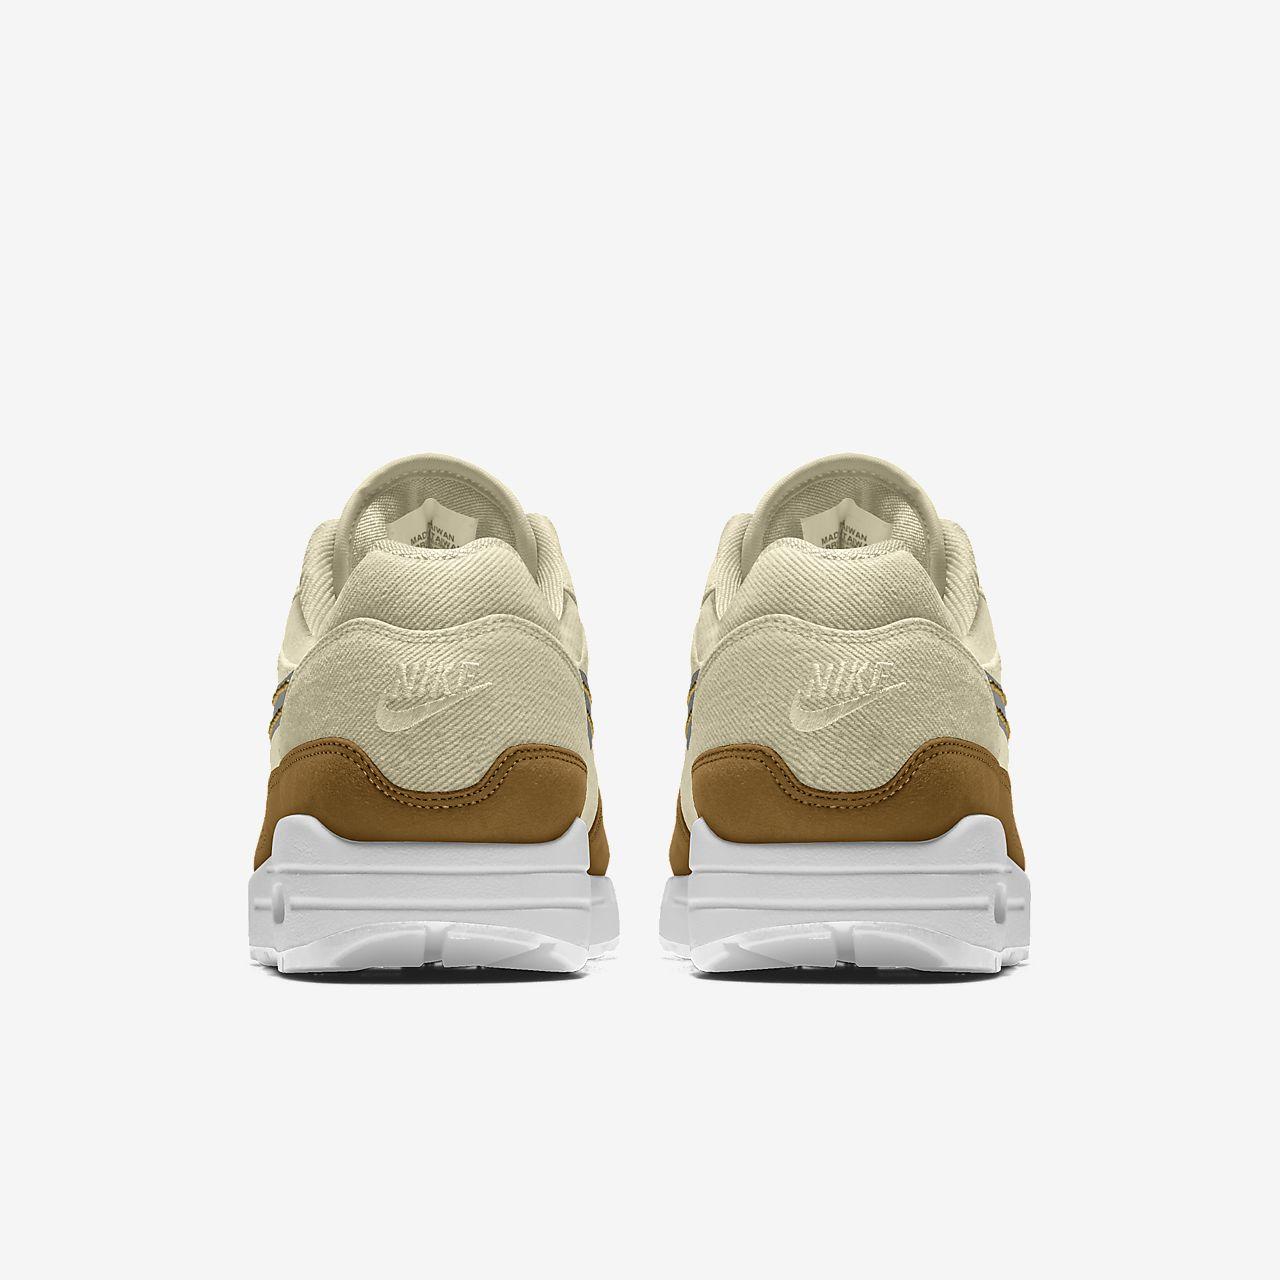 Nike Air Max 1 Premium By You personalisierbarer Damenschuh